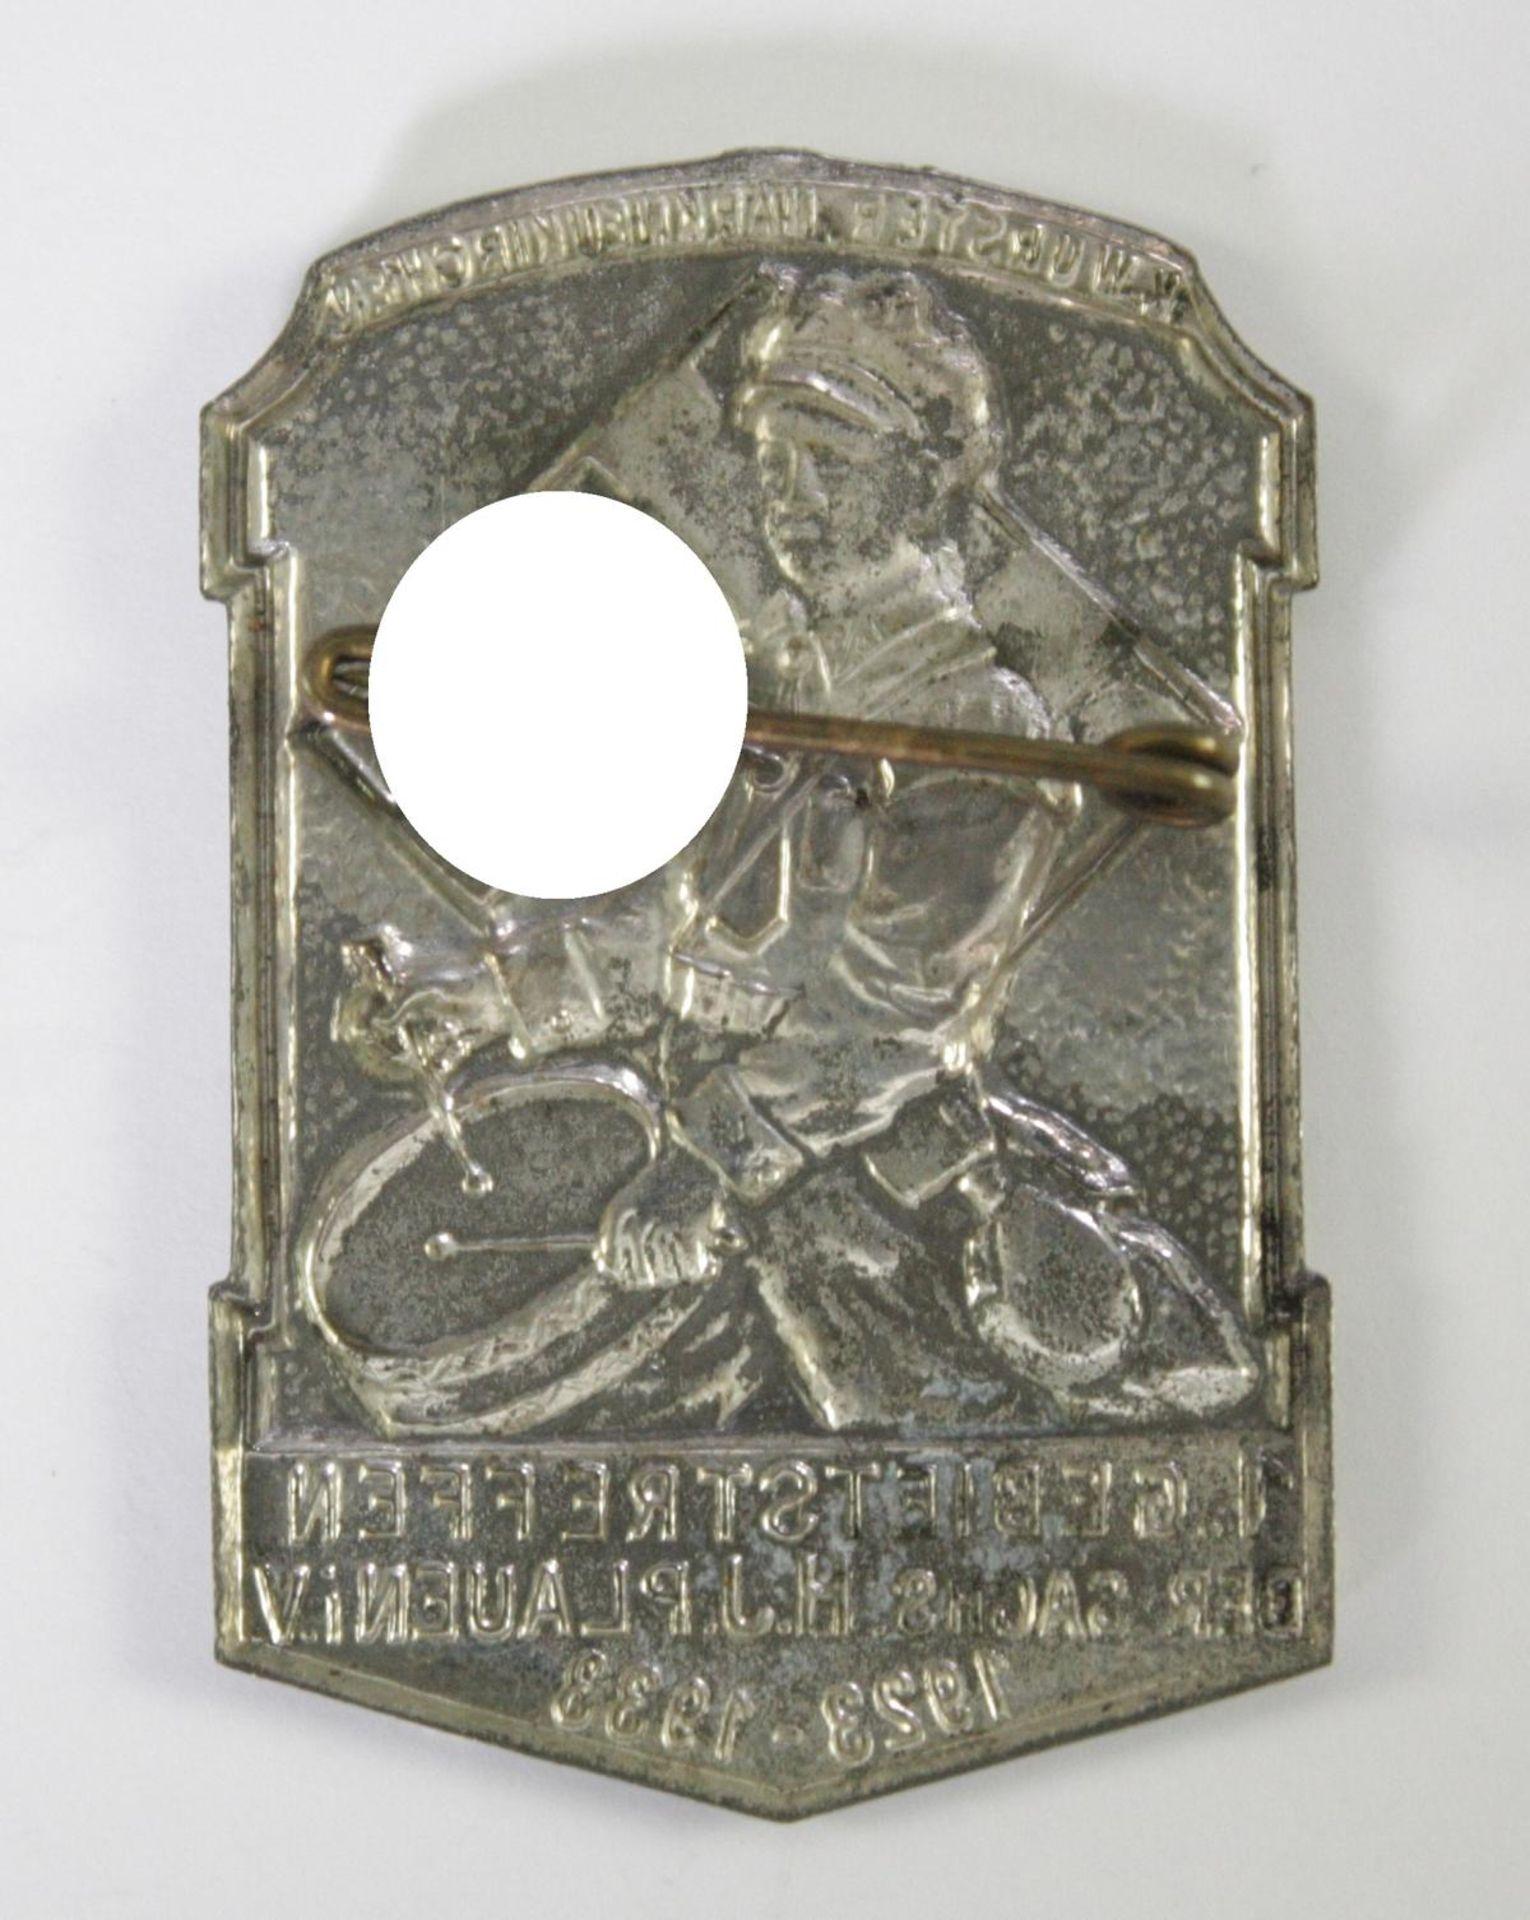 Abzeichen, 1. Gebiettreffen der sächsischen HJ Plauen i.V. 1923-1933 - Bild 2 aus 2